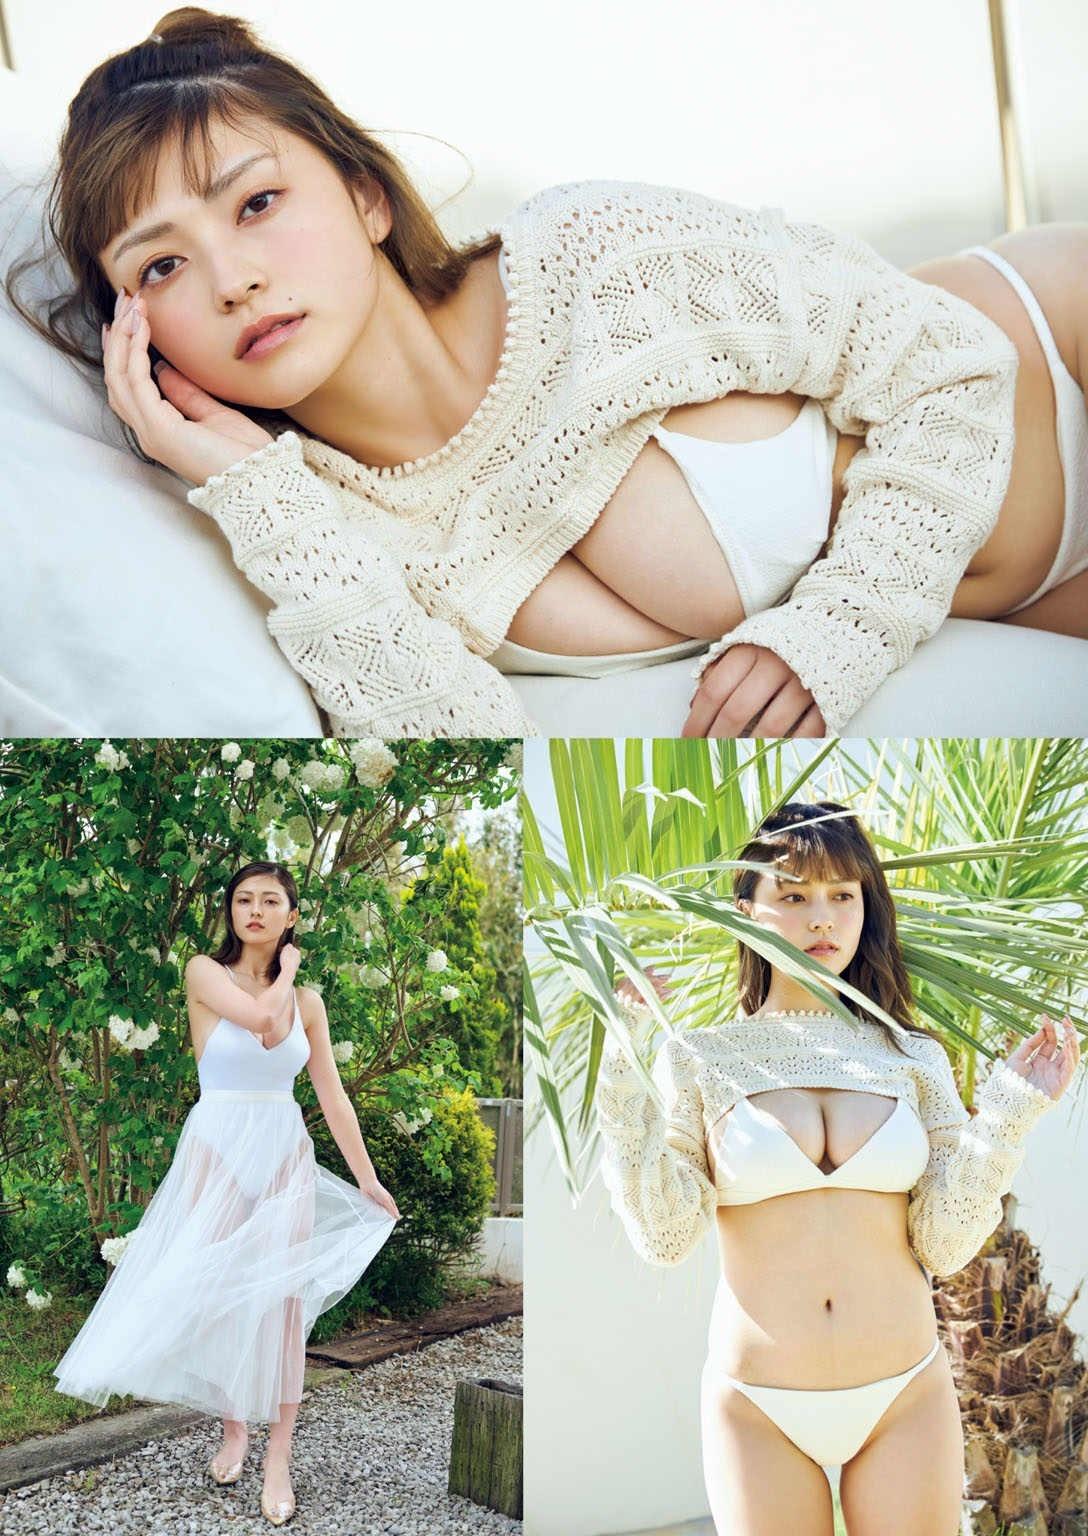 松本真理香 樱井音乃 羽柴なつみ-Weekly Playboy 2021第23期 高清套图 第23张